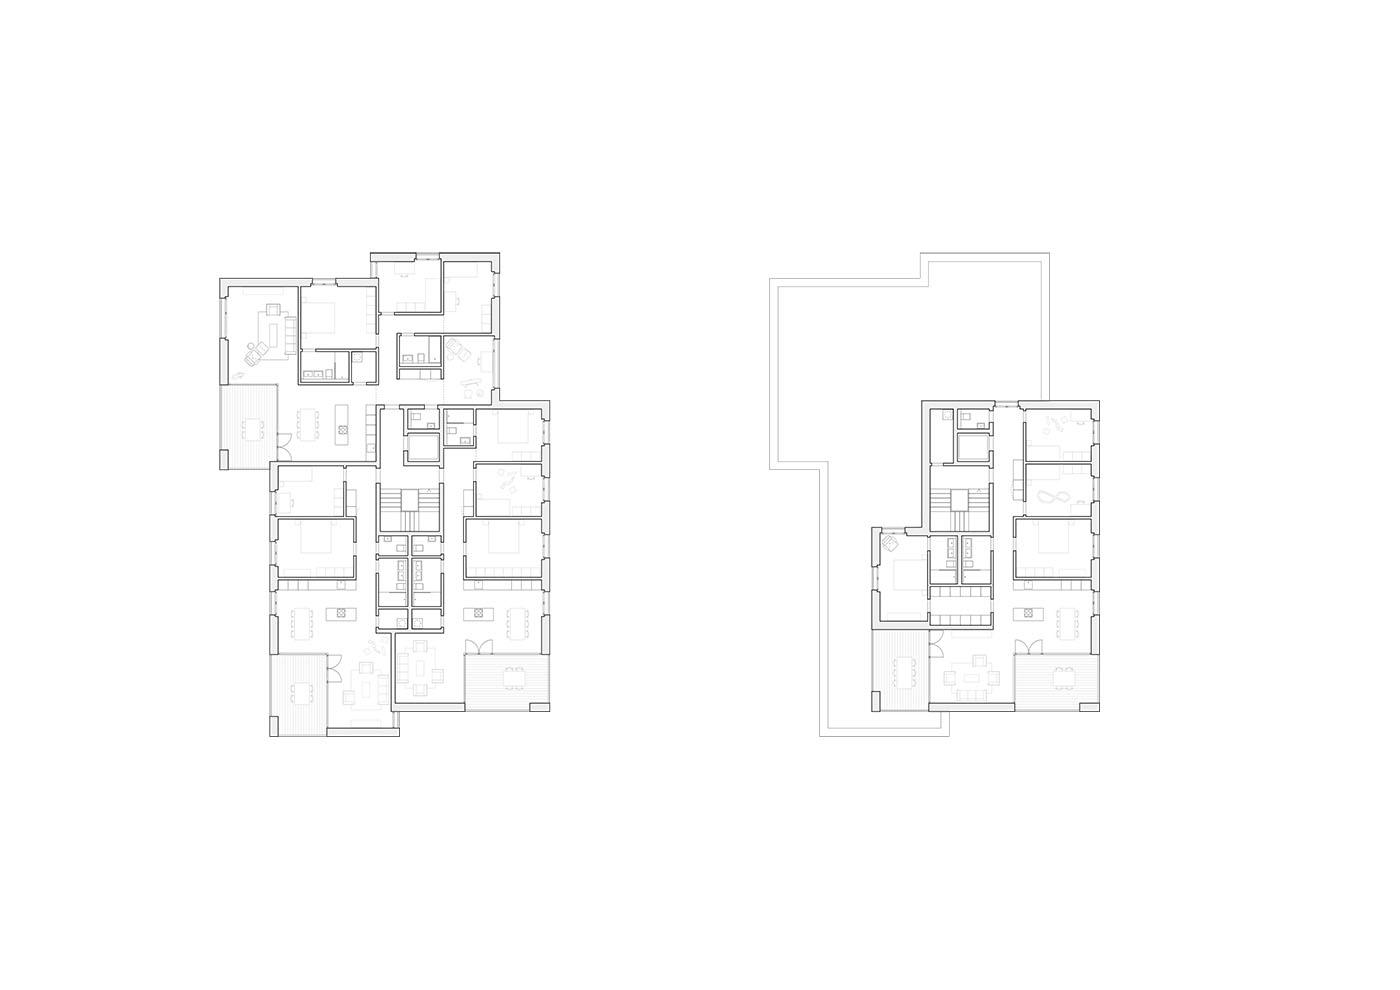 buan architekten – Studienauftrag Areal Schuetzenmatt Inwil – Grundrisse Haus G-H